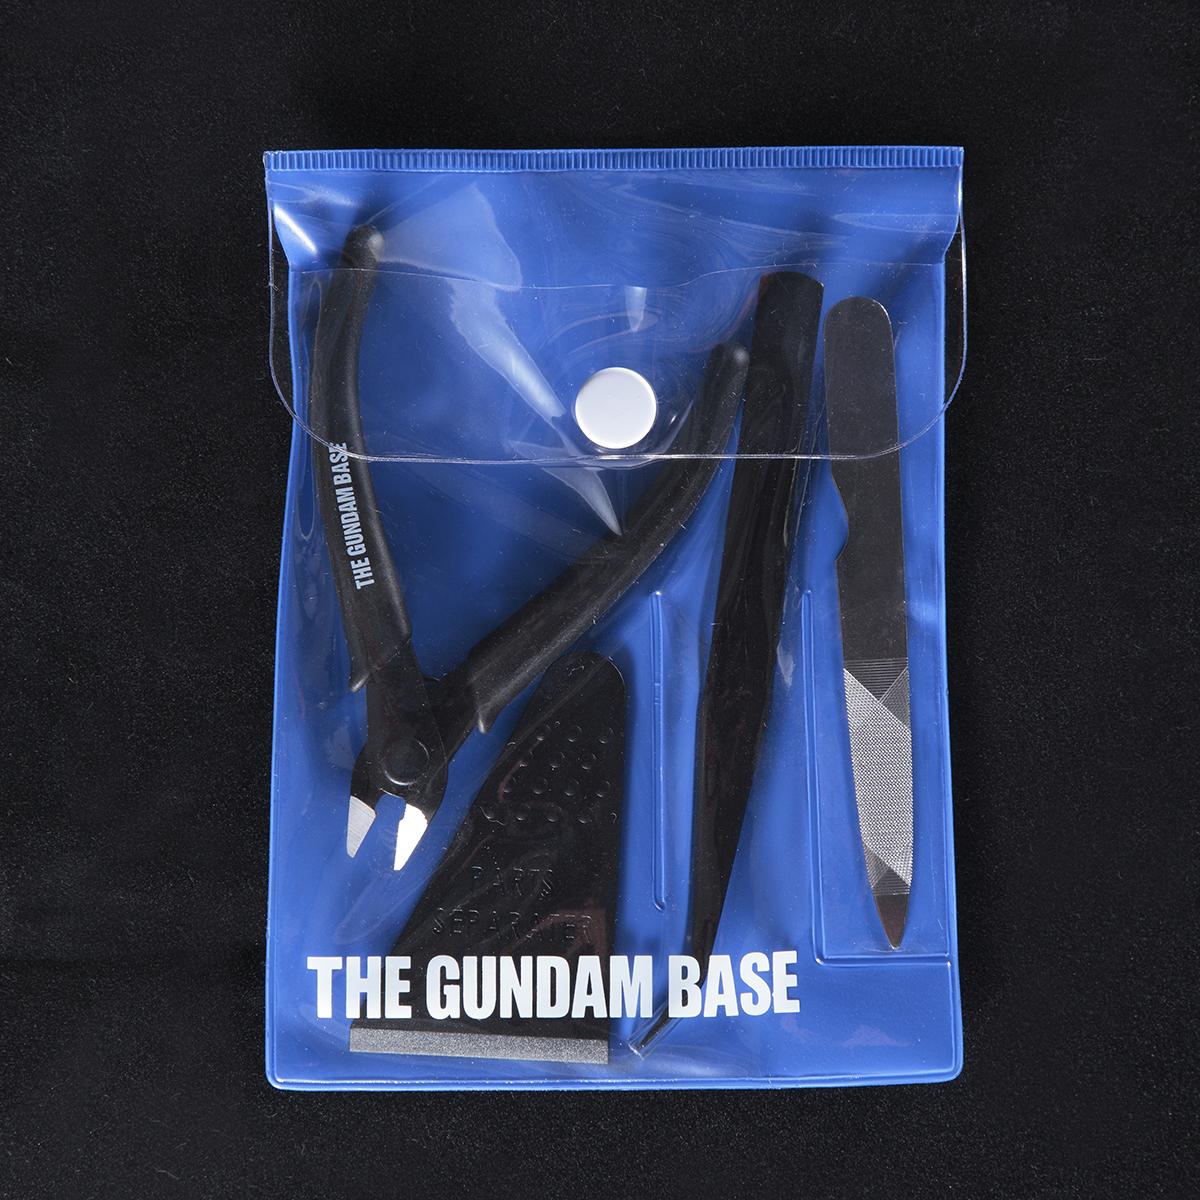 THE GUNDAM BASE プラモデルツールセット